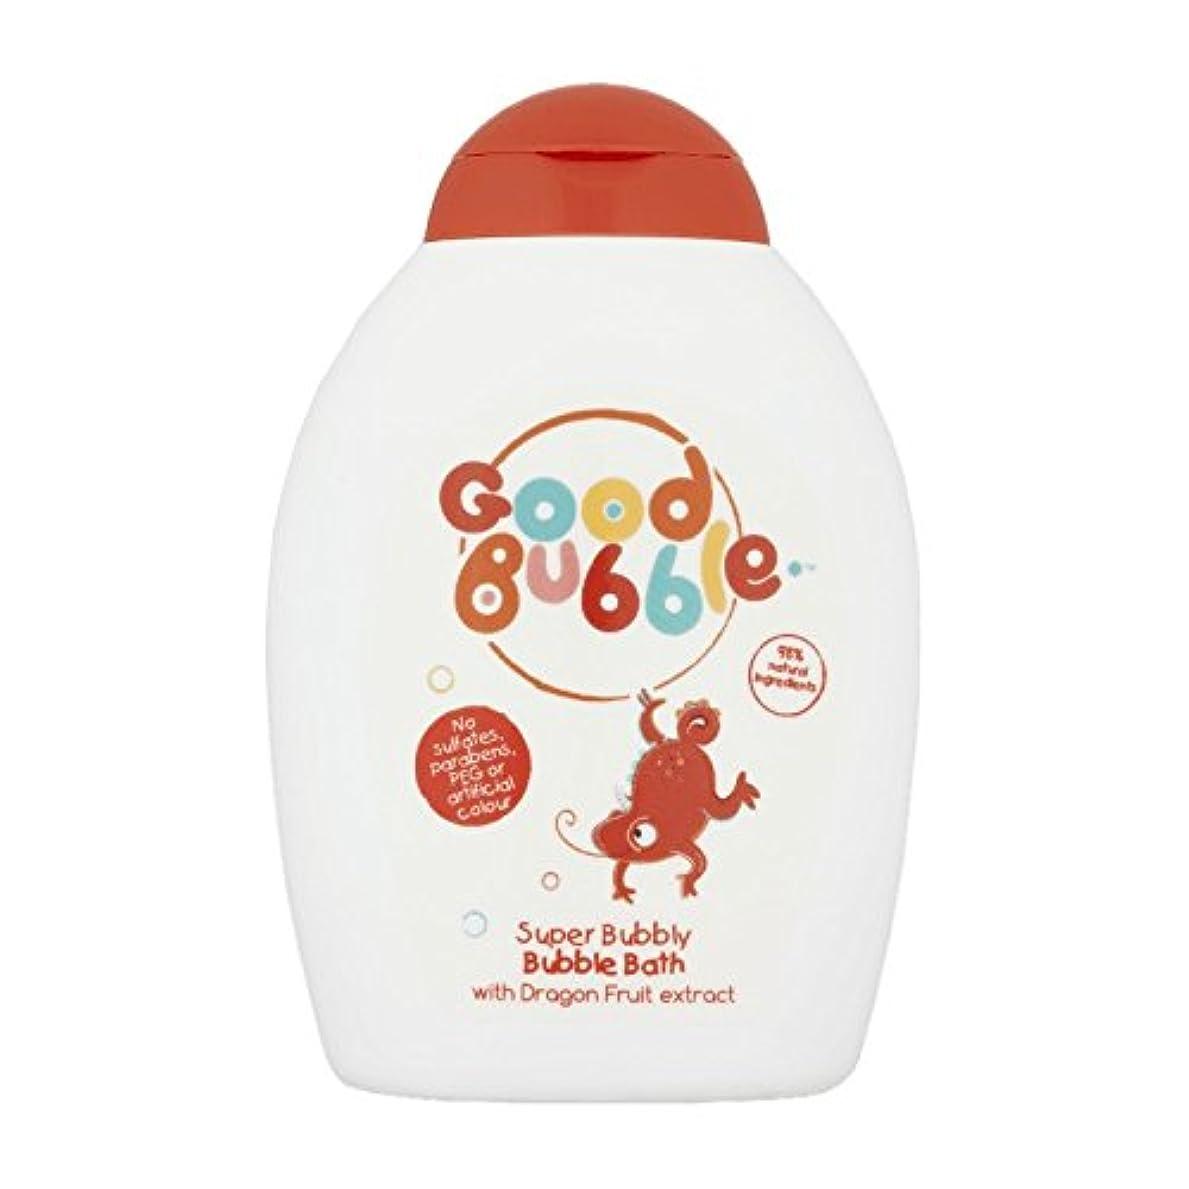 大聖堂処分した繊維Good Bubble Dragon Fruit Bubble Bath 400ml (Pack of 6) - 良いバブルドラゴンフルーツバブルバス400ミリリットル (x6) [並行輸入品]